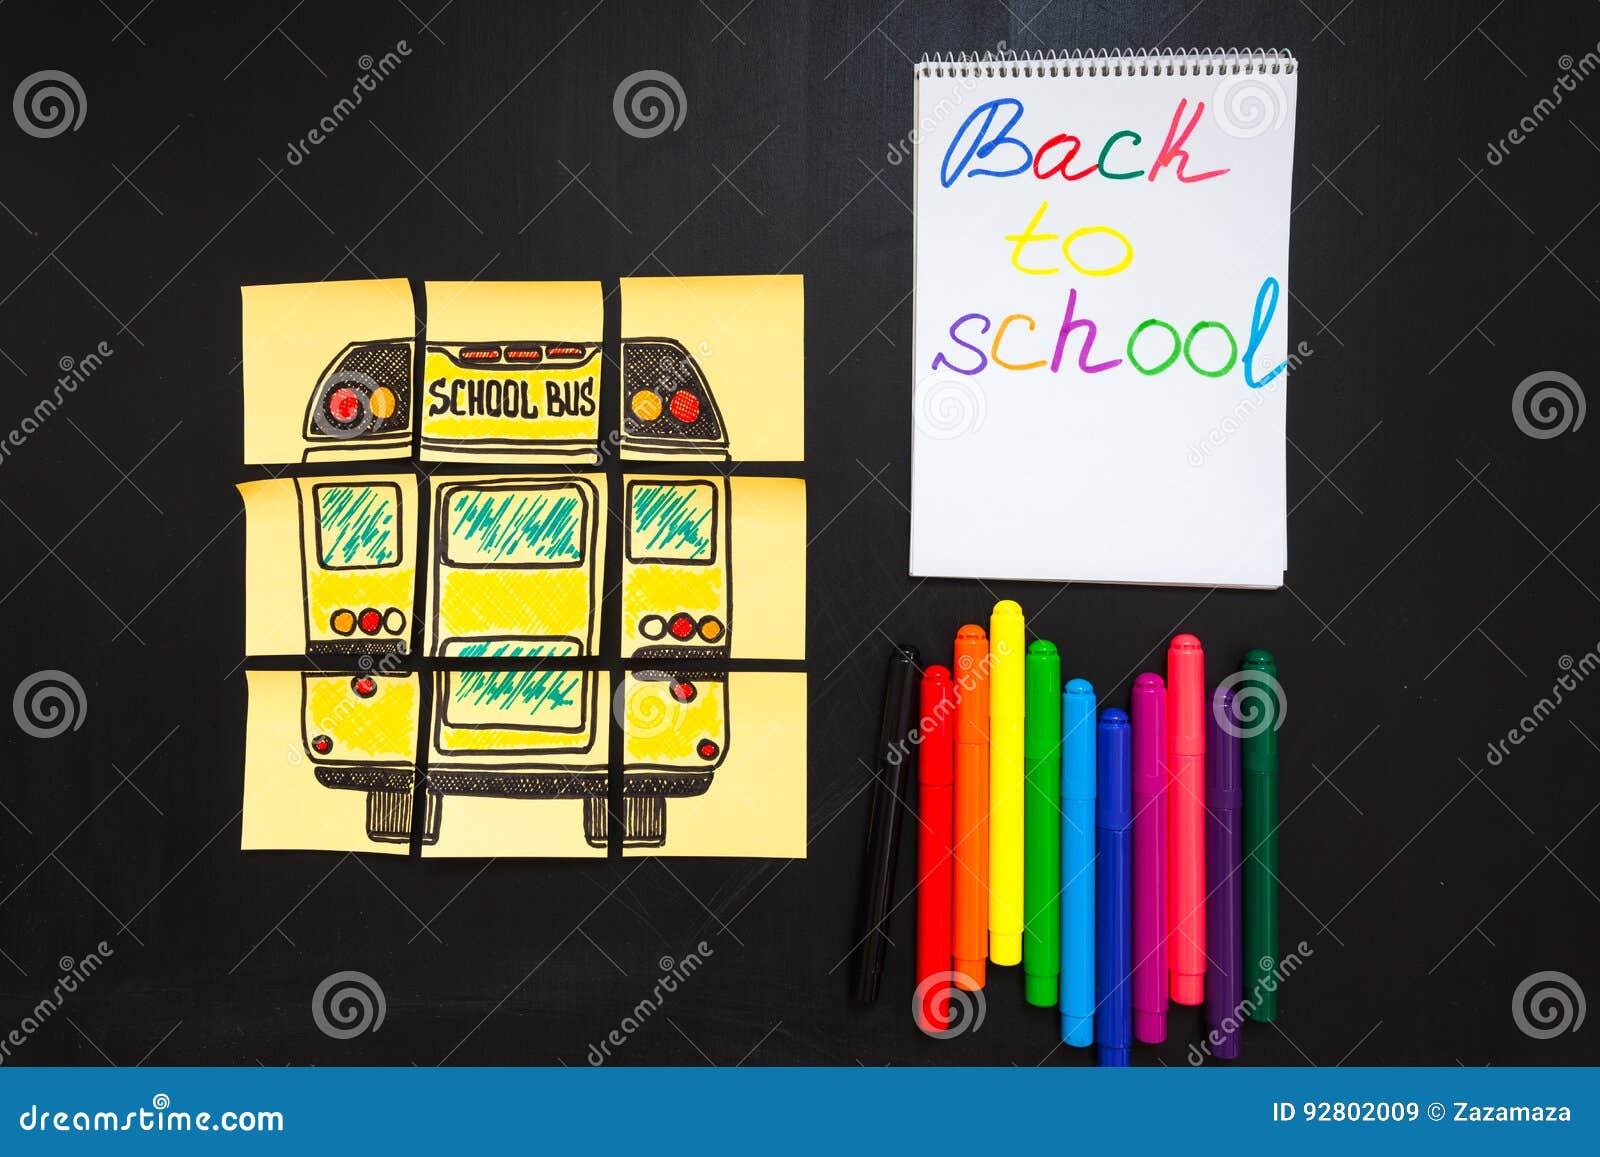 Dra tillbaka till skolabakgrund med titel` tillbaka till skola`- och `-skolbuss` som är skriftlig på de gula styckena av papper,